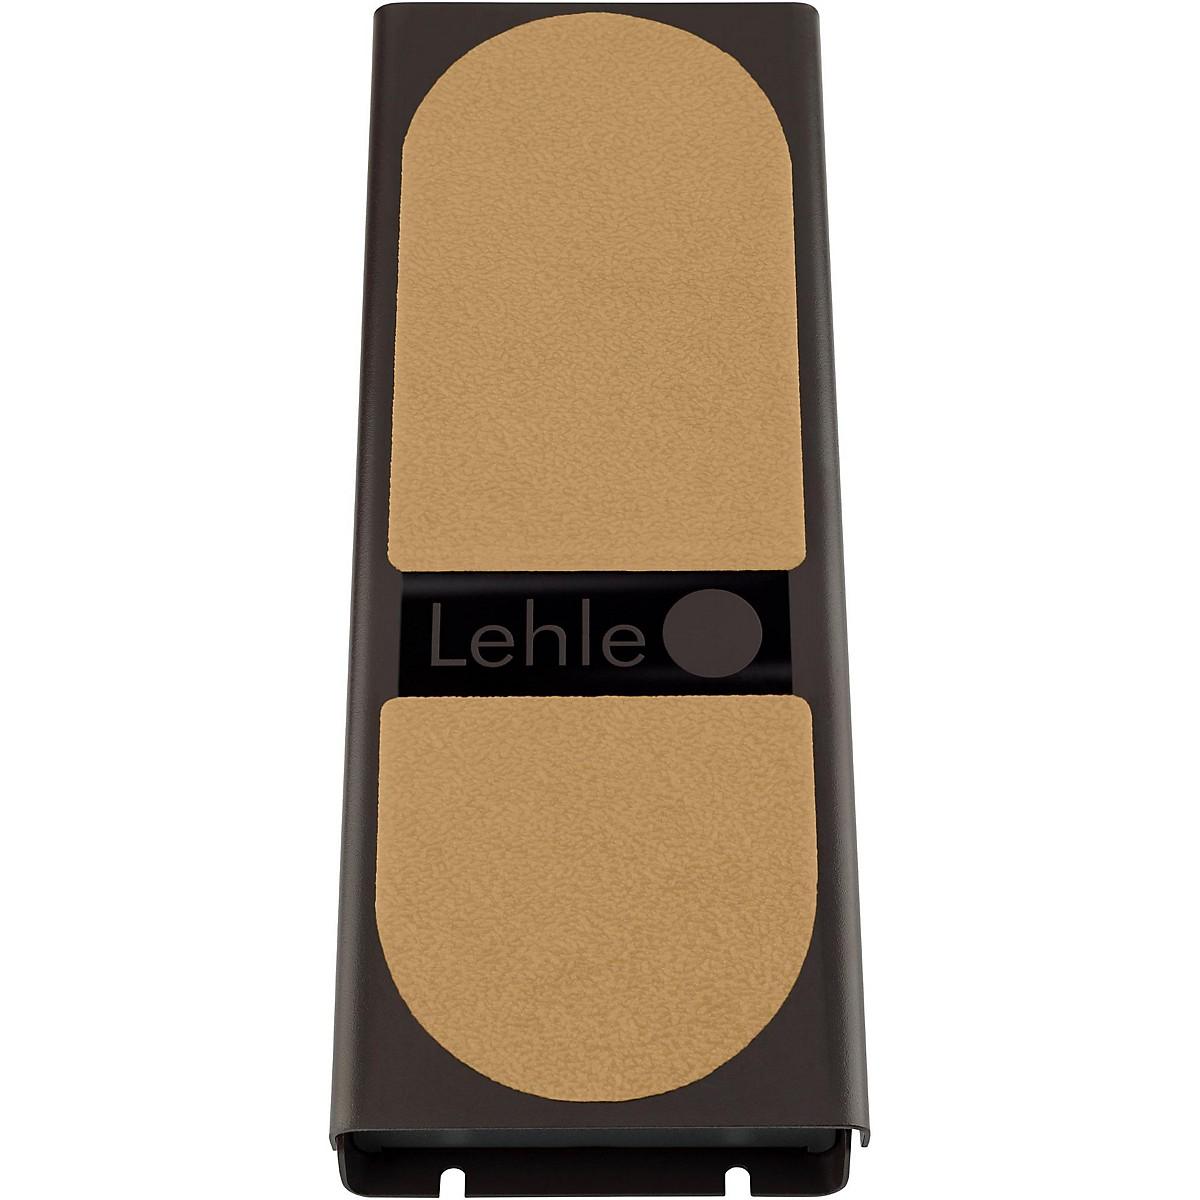 Lehle Mono Volume Pedal